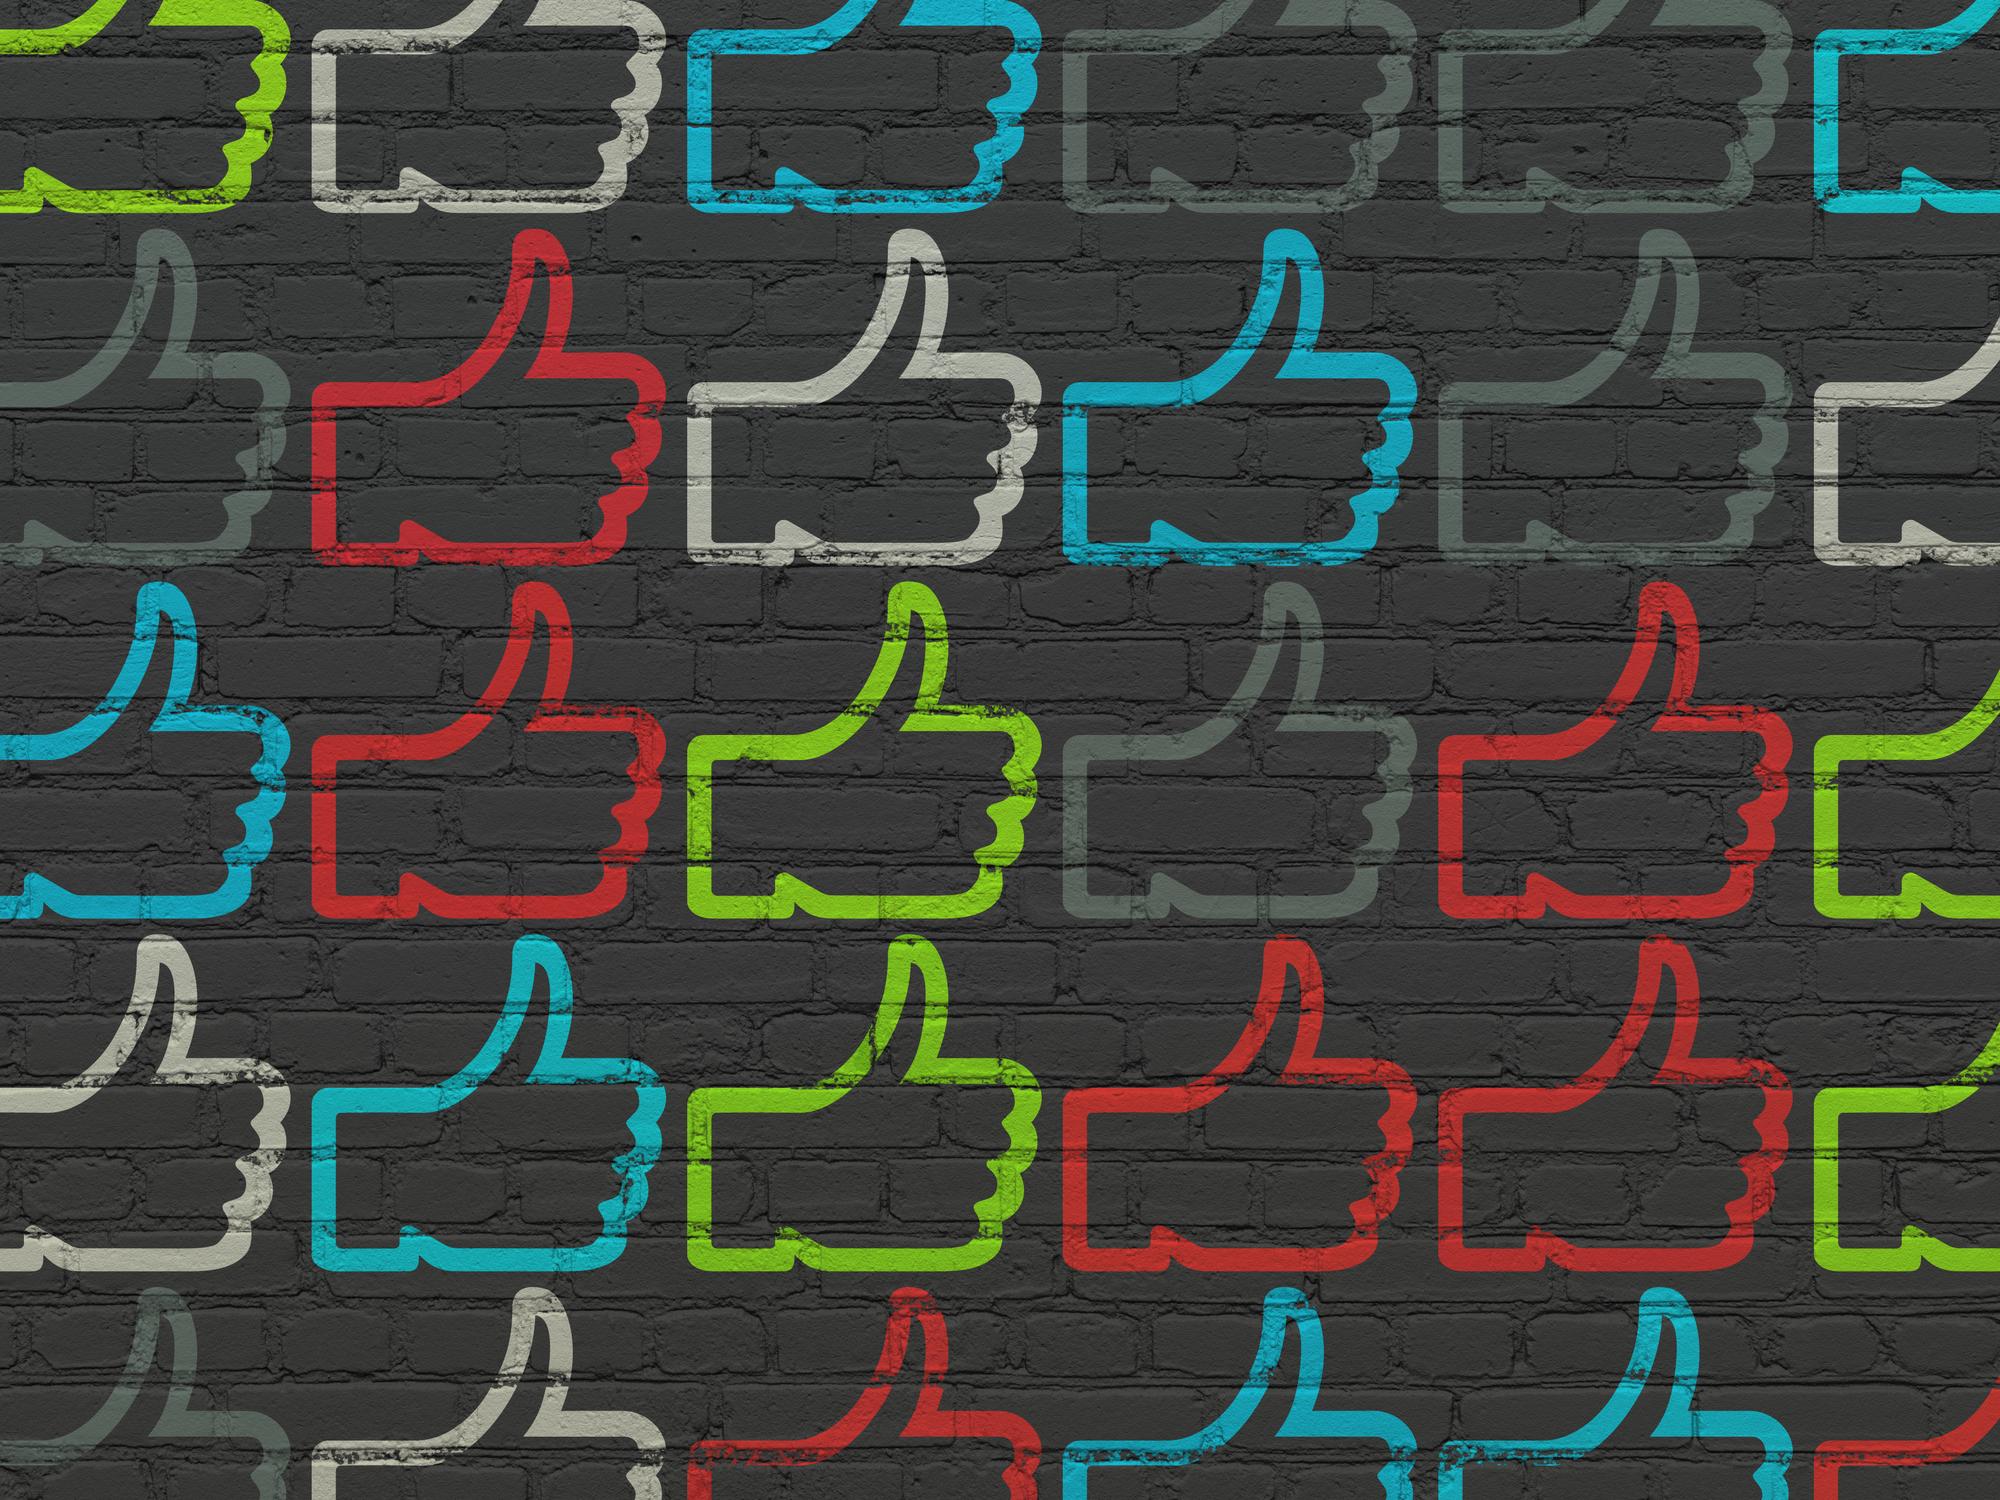 Tietoa ja näkökulmia sosiaalisessa mediassa